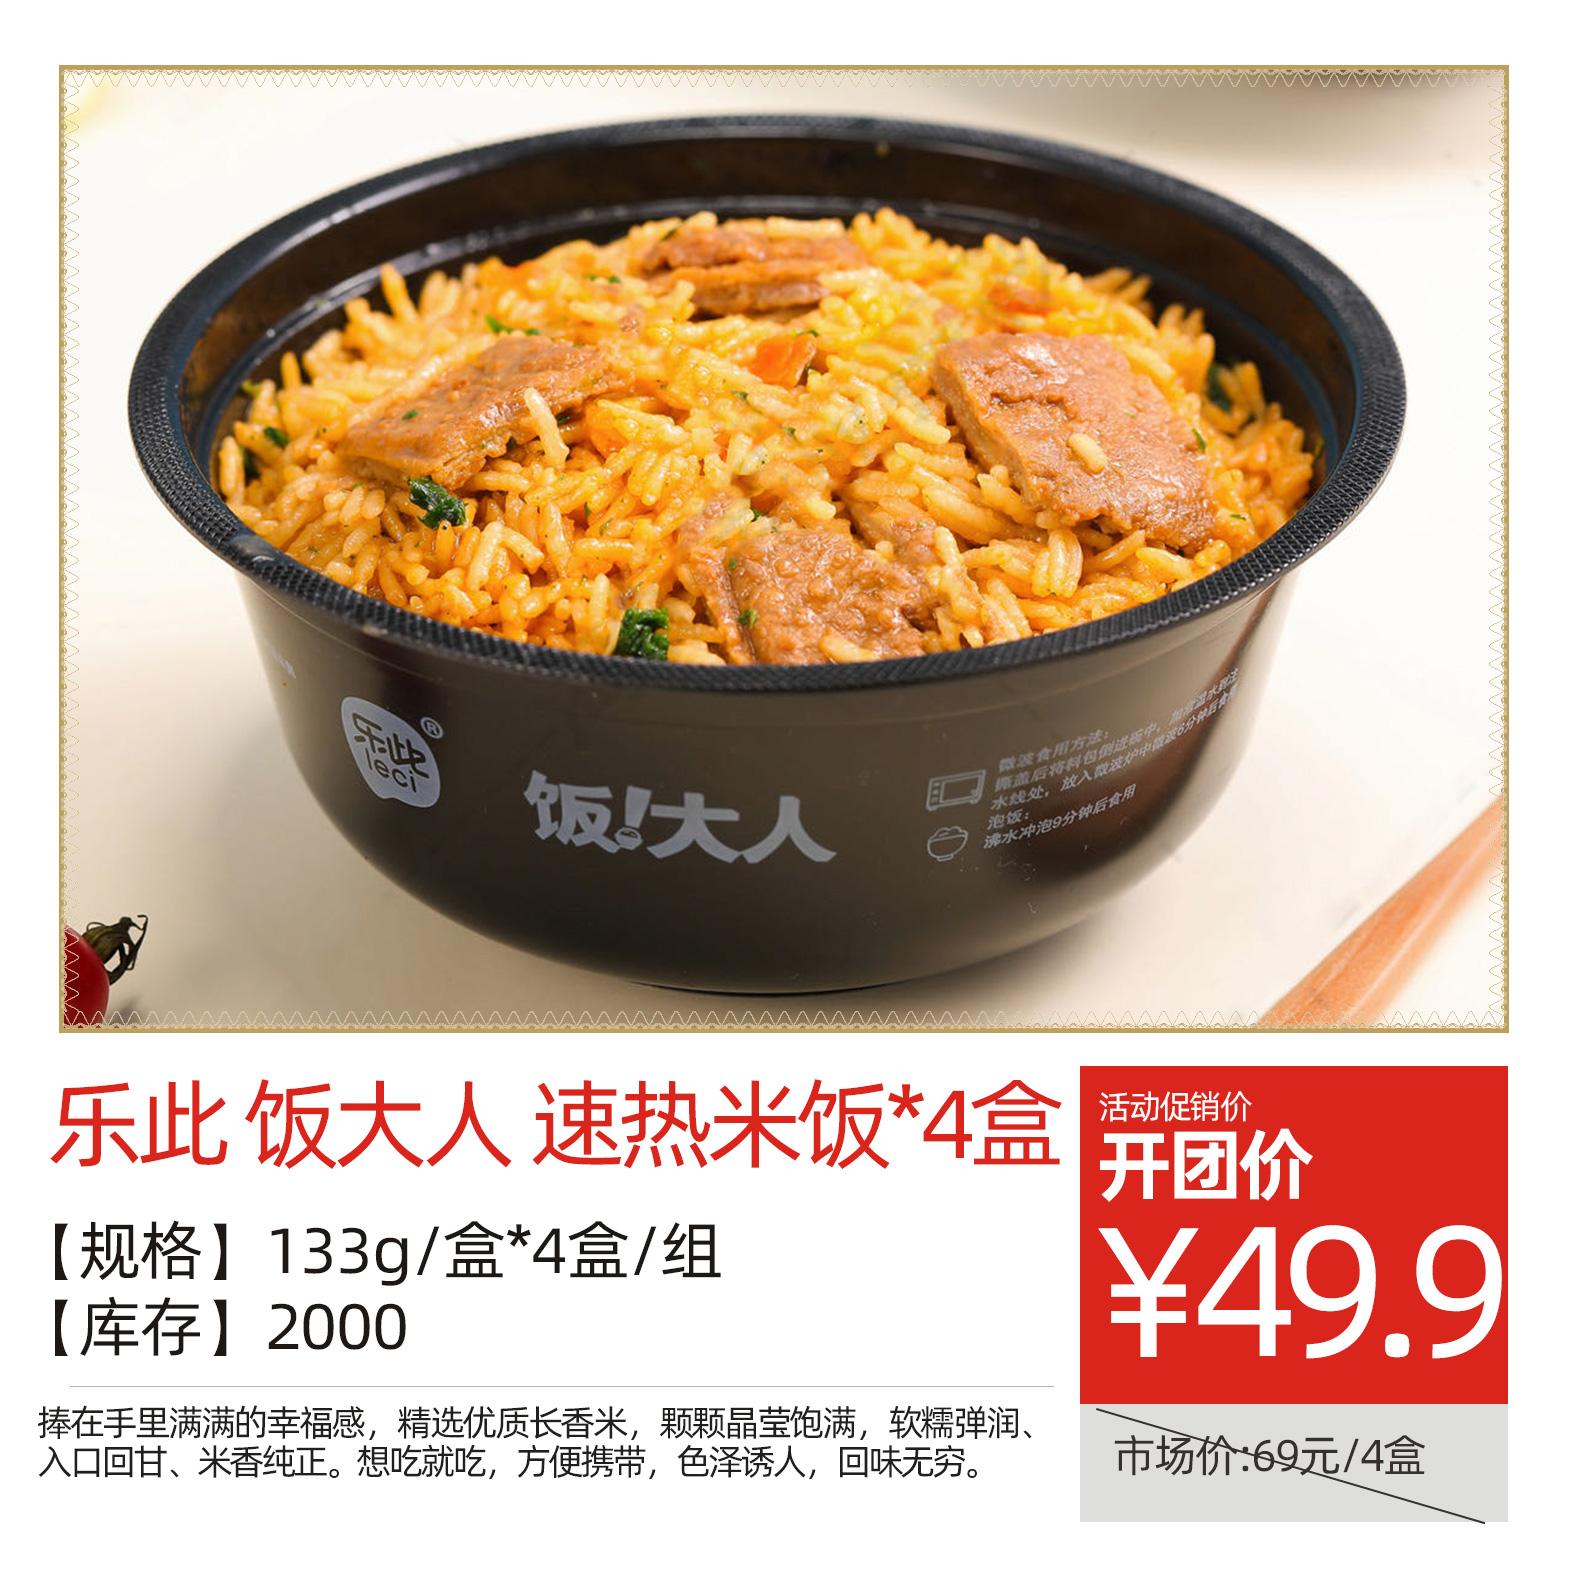 乐此 饭大人 速热米饭*4盒